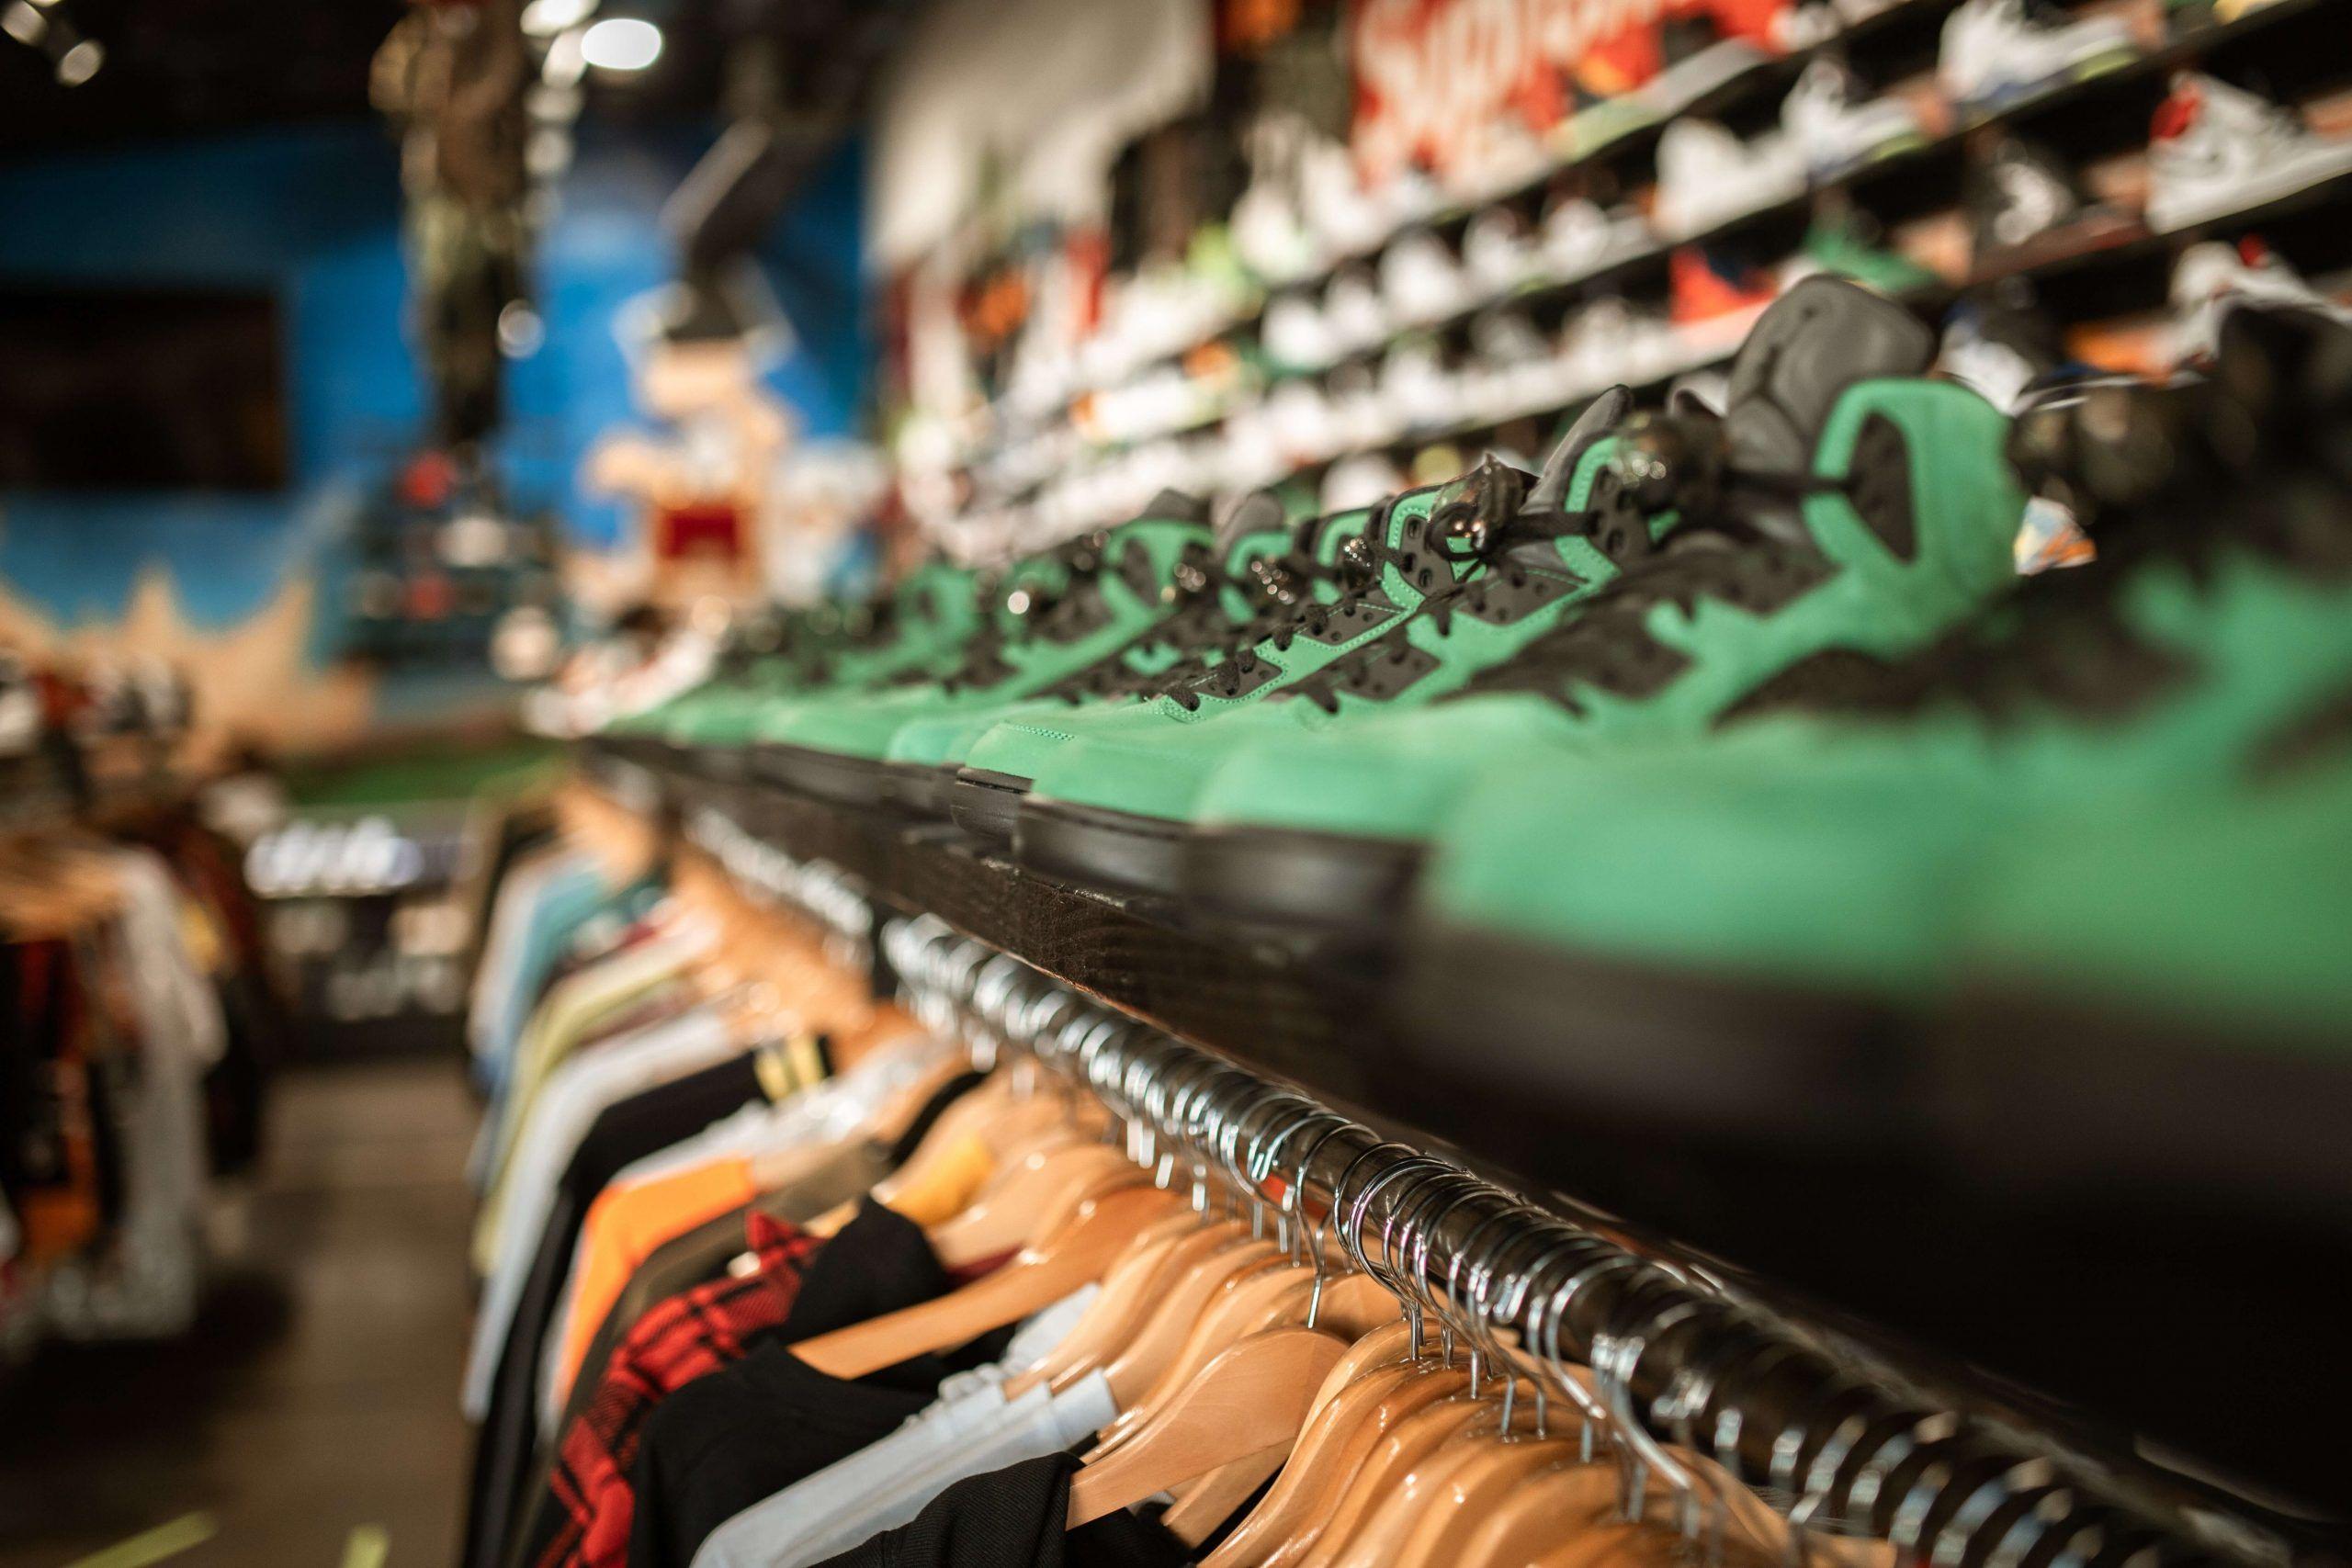 vender falsificaciones y replicas de ropa de marca